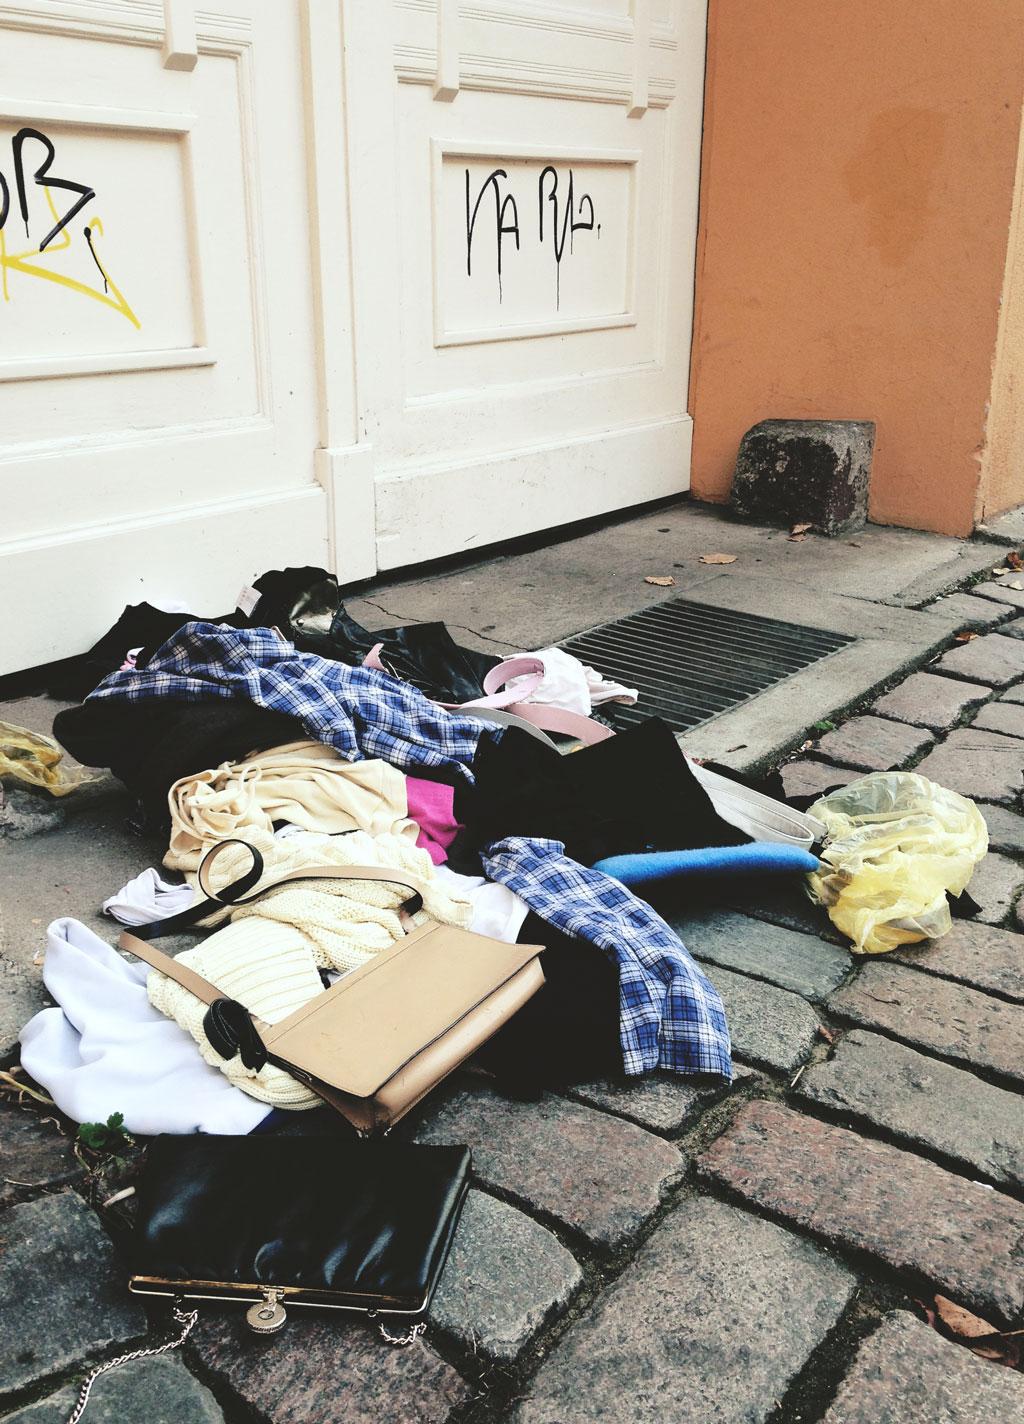 schwedterstrasse_brighten-the-corner_trash1